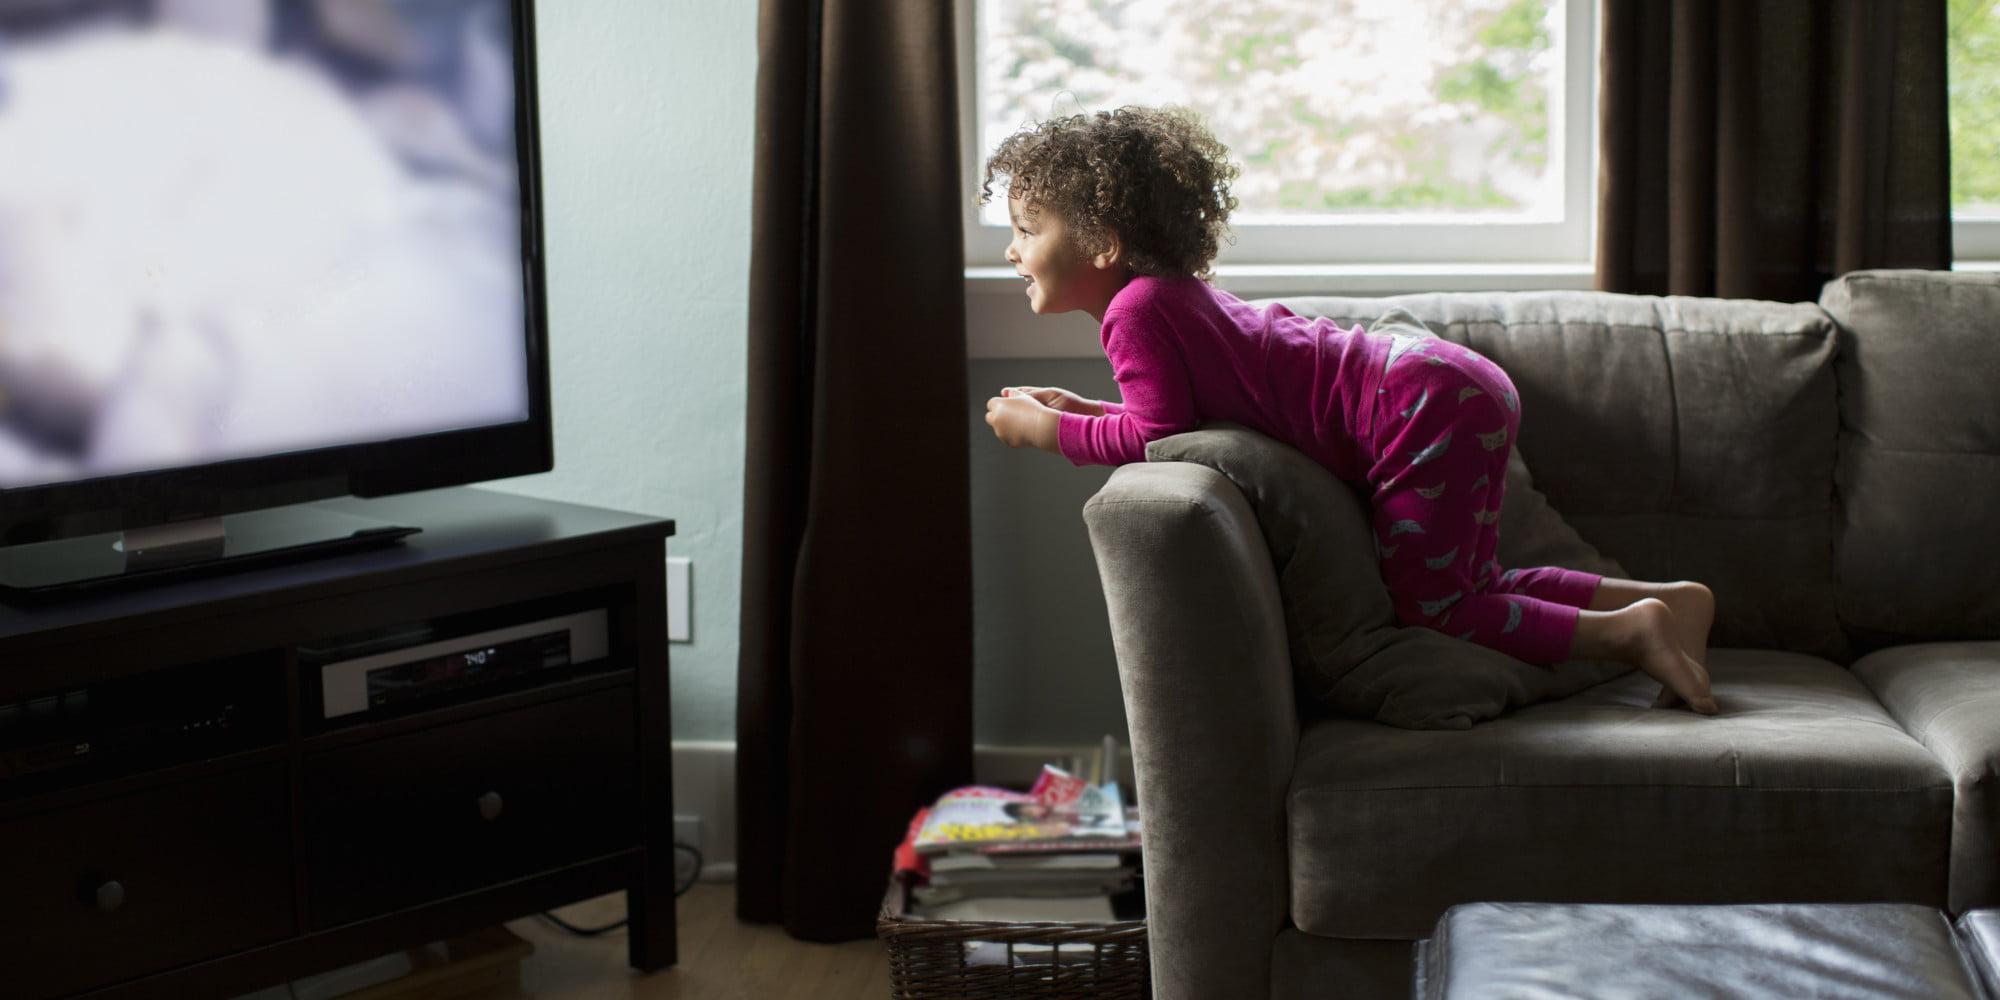 Copil la televizor Foto: quebec.huffingtonpost.ca